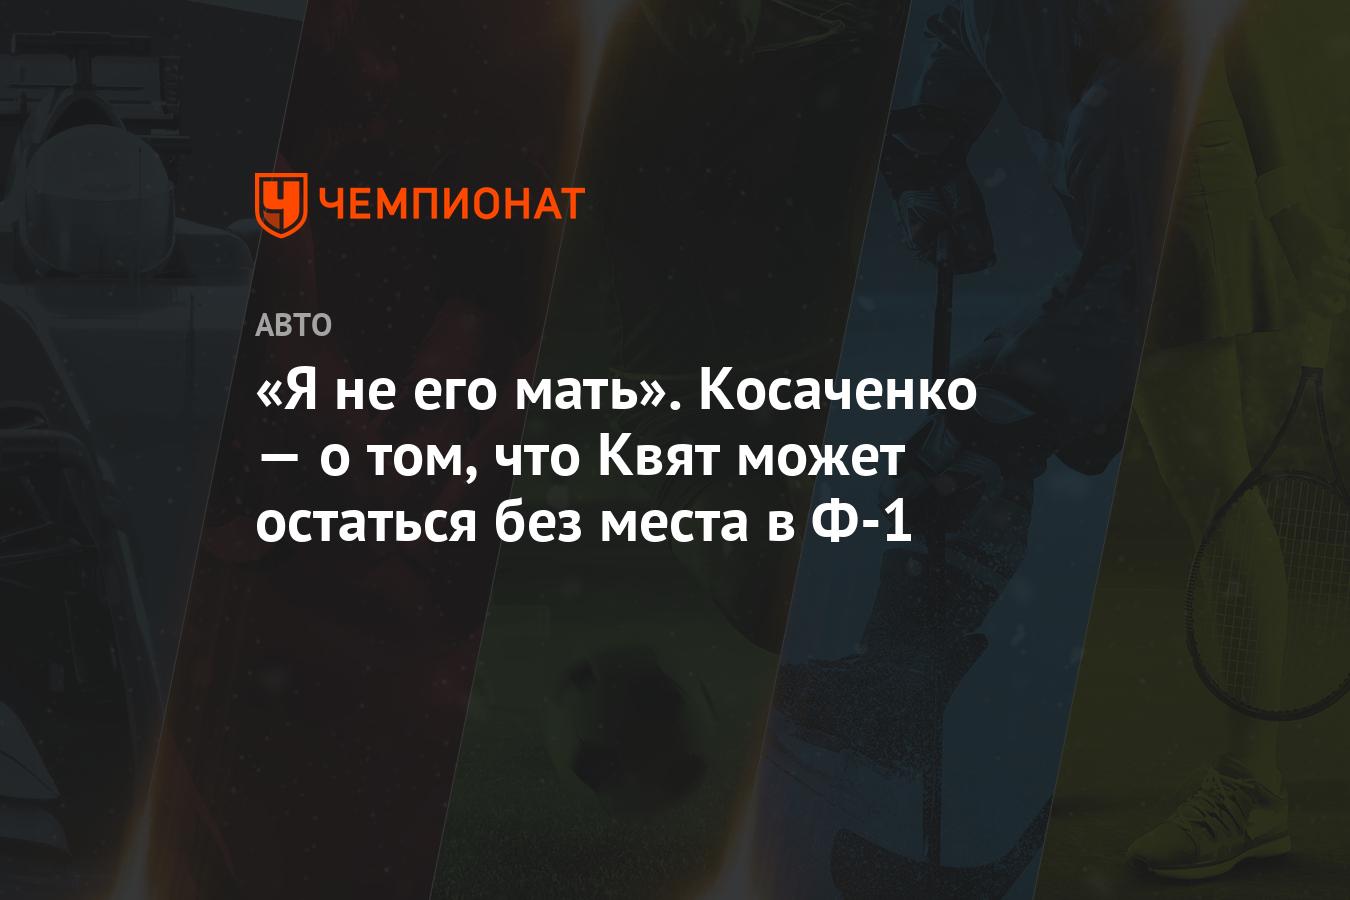 «Я не его мать». Косаченко — о том, что Квят может остаться без места в Ф-1